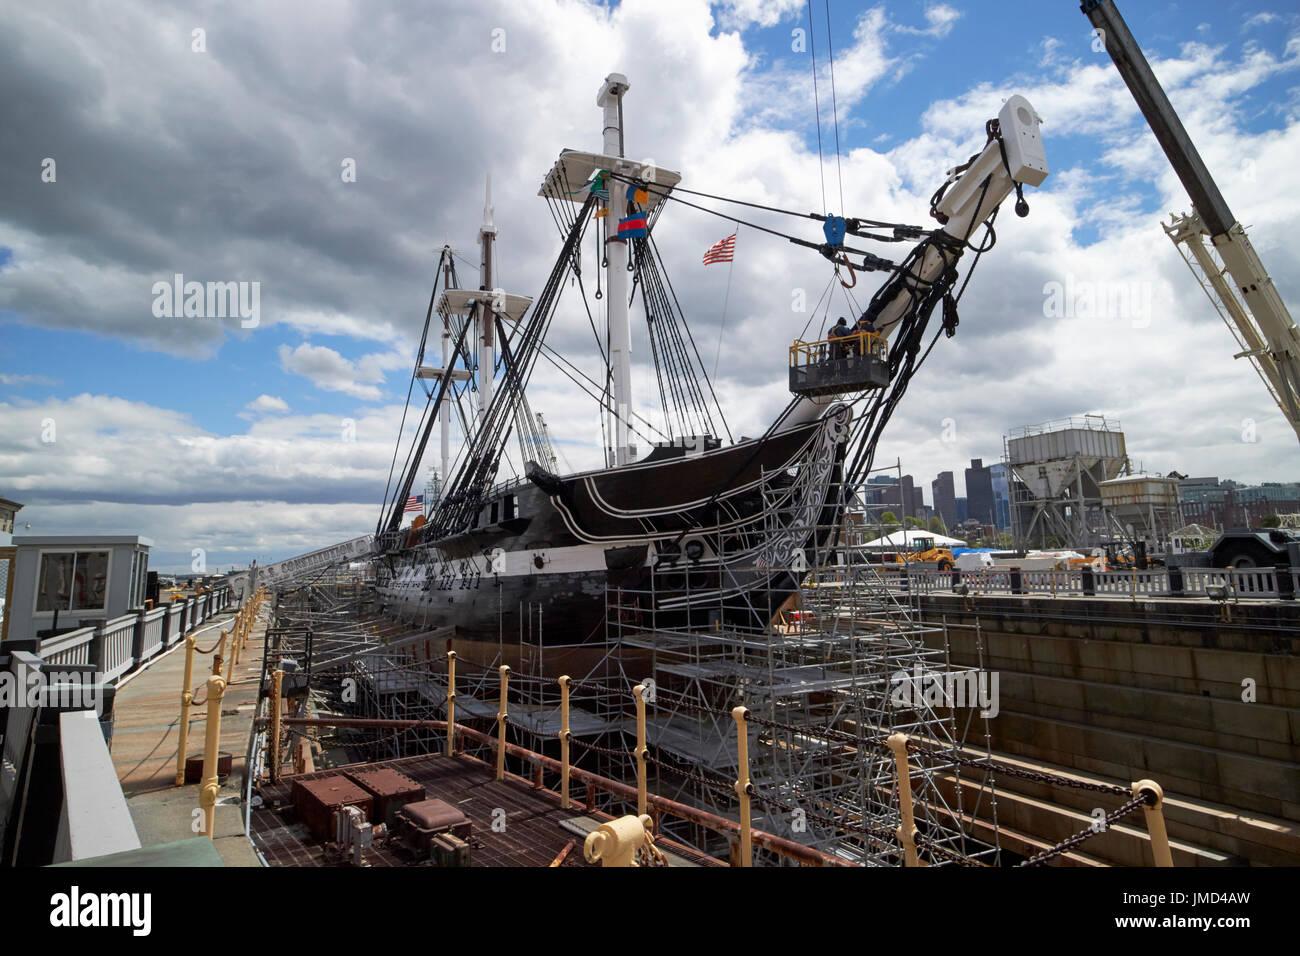 USS Constitution en dique seco, Charlestown Navy Yard Boston, EE.UU. Imagen De Stock